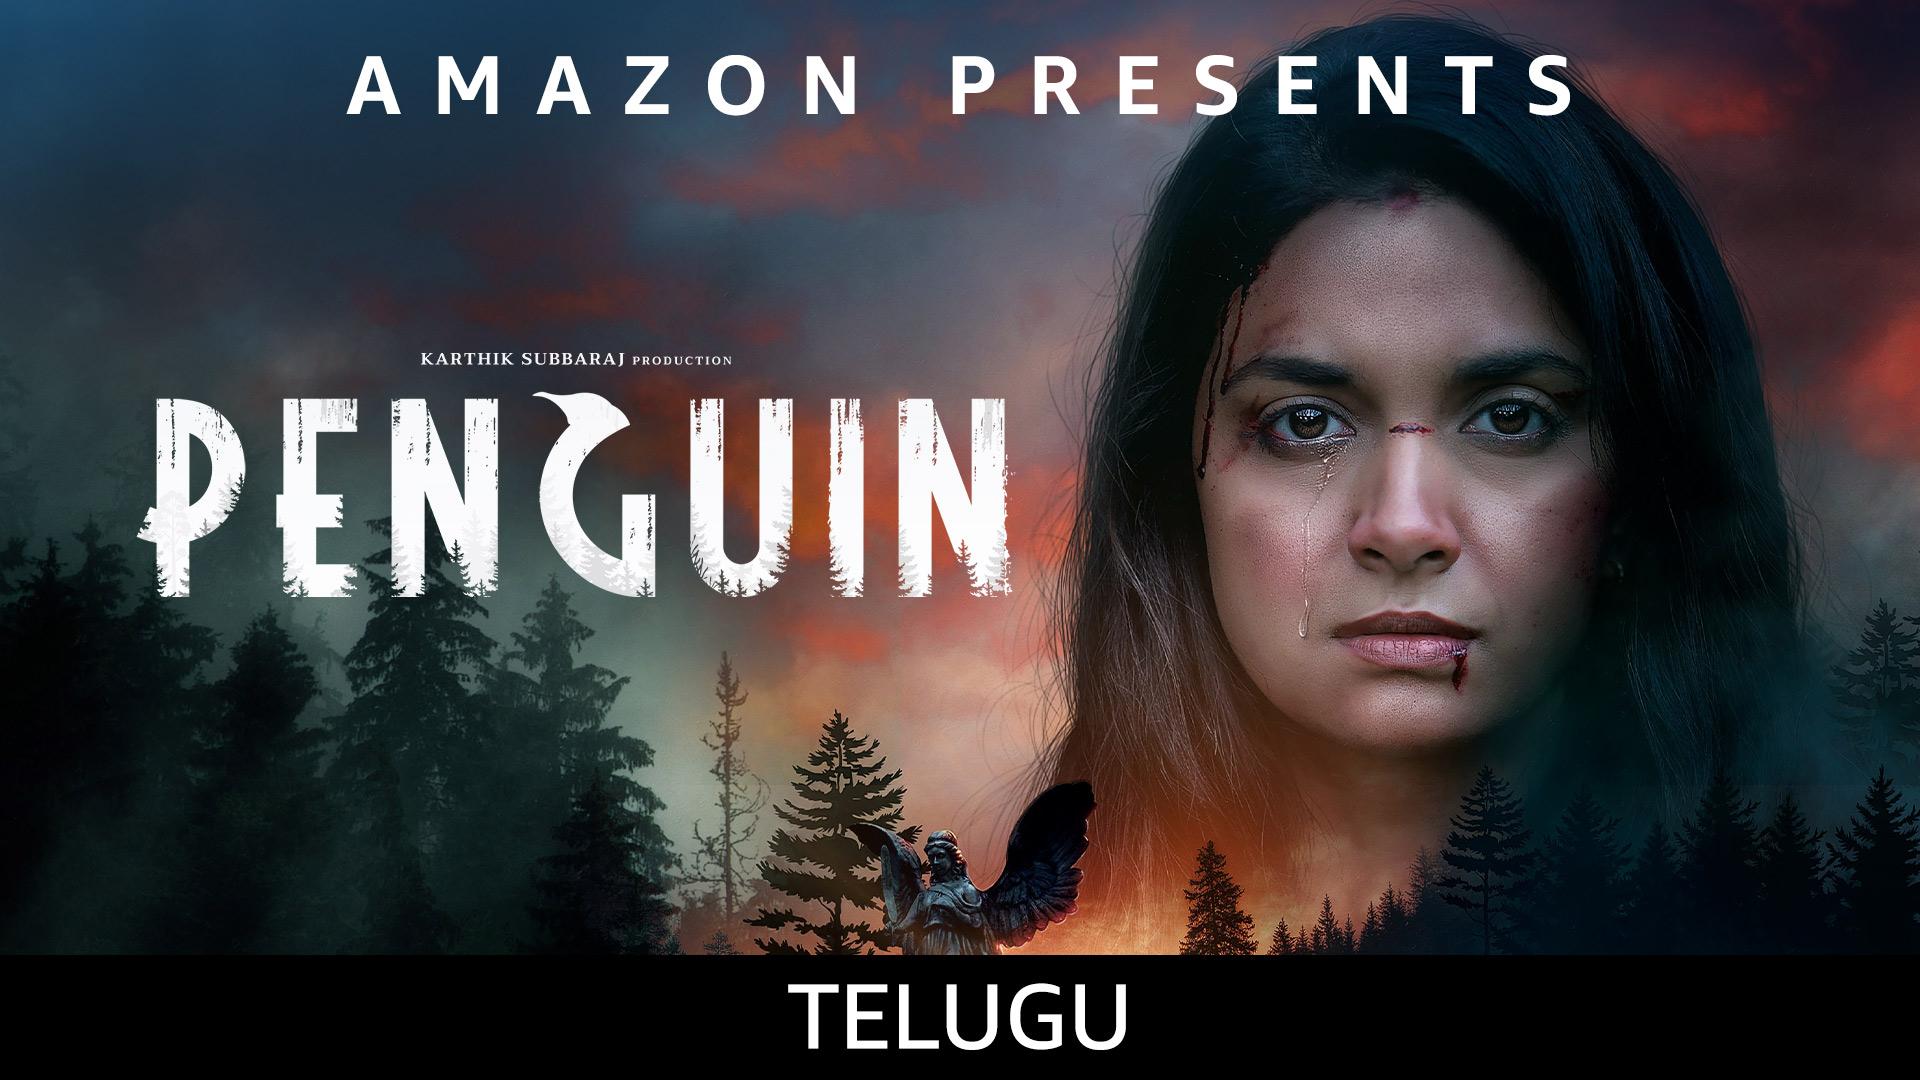 Penguin (Telugu)